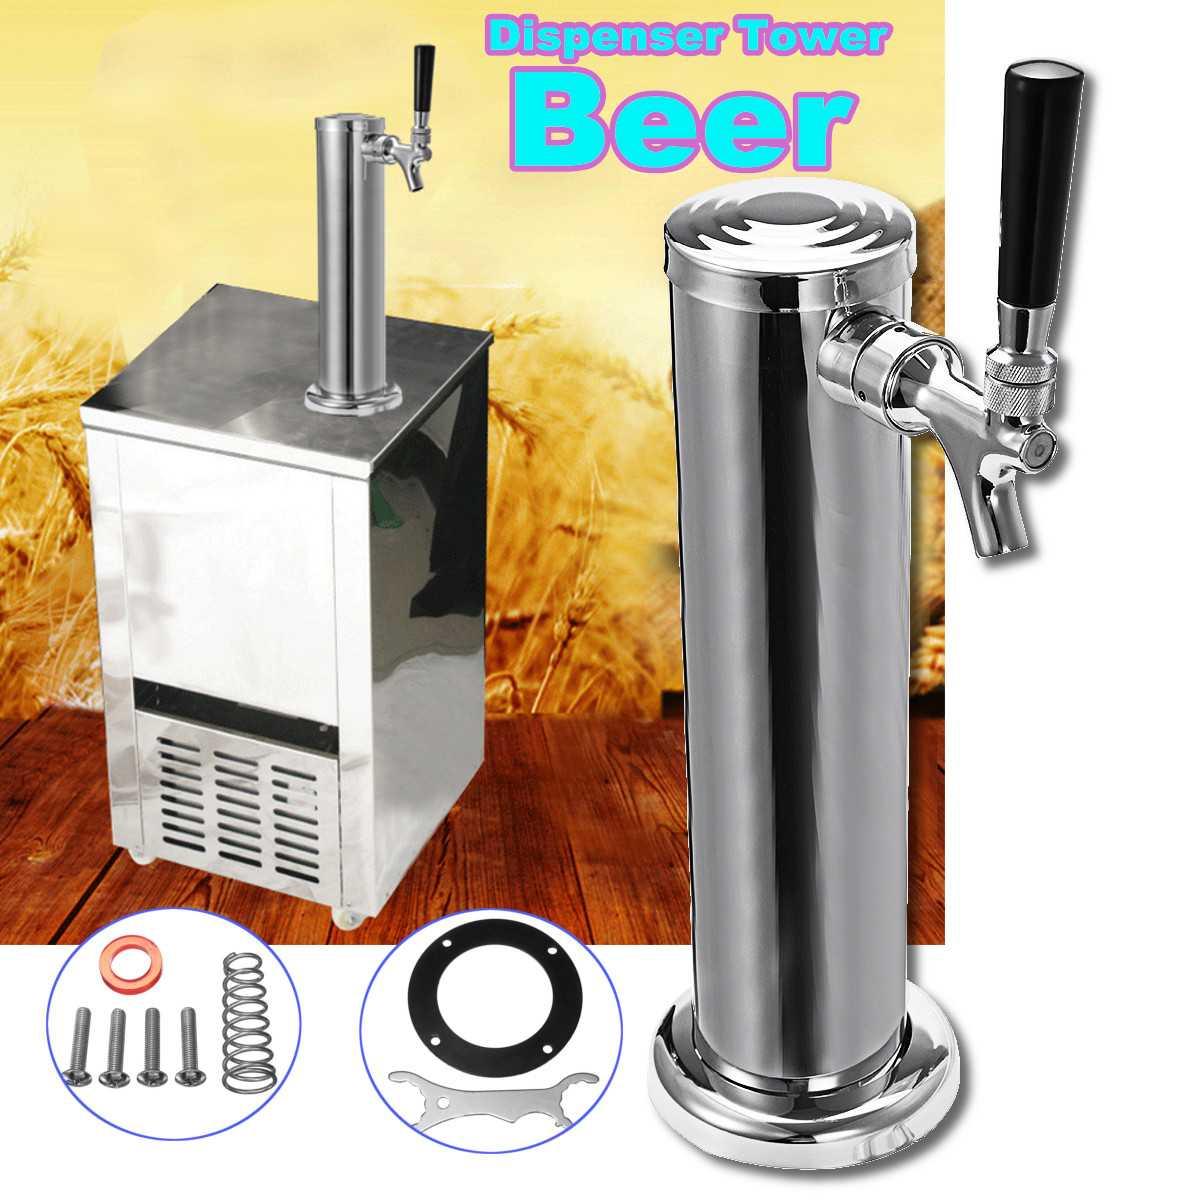 Bira dağıtıcı bira seti suyu içme kule sızdırmazlık musluk bira musluk Pourer-Bar içecek dağıtıcı